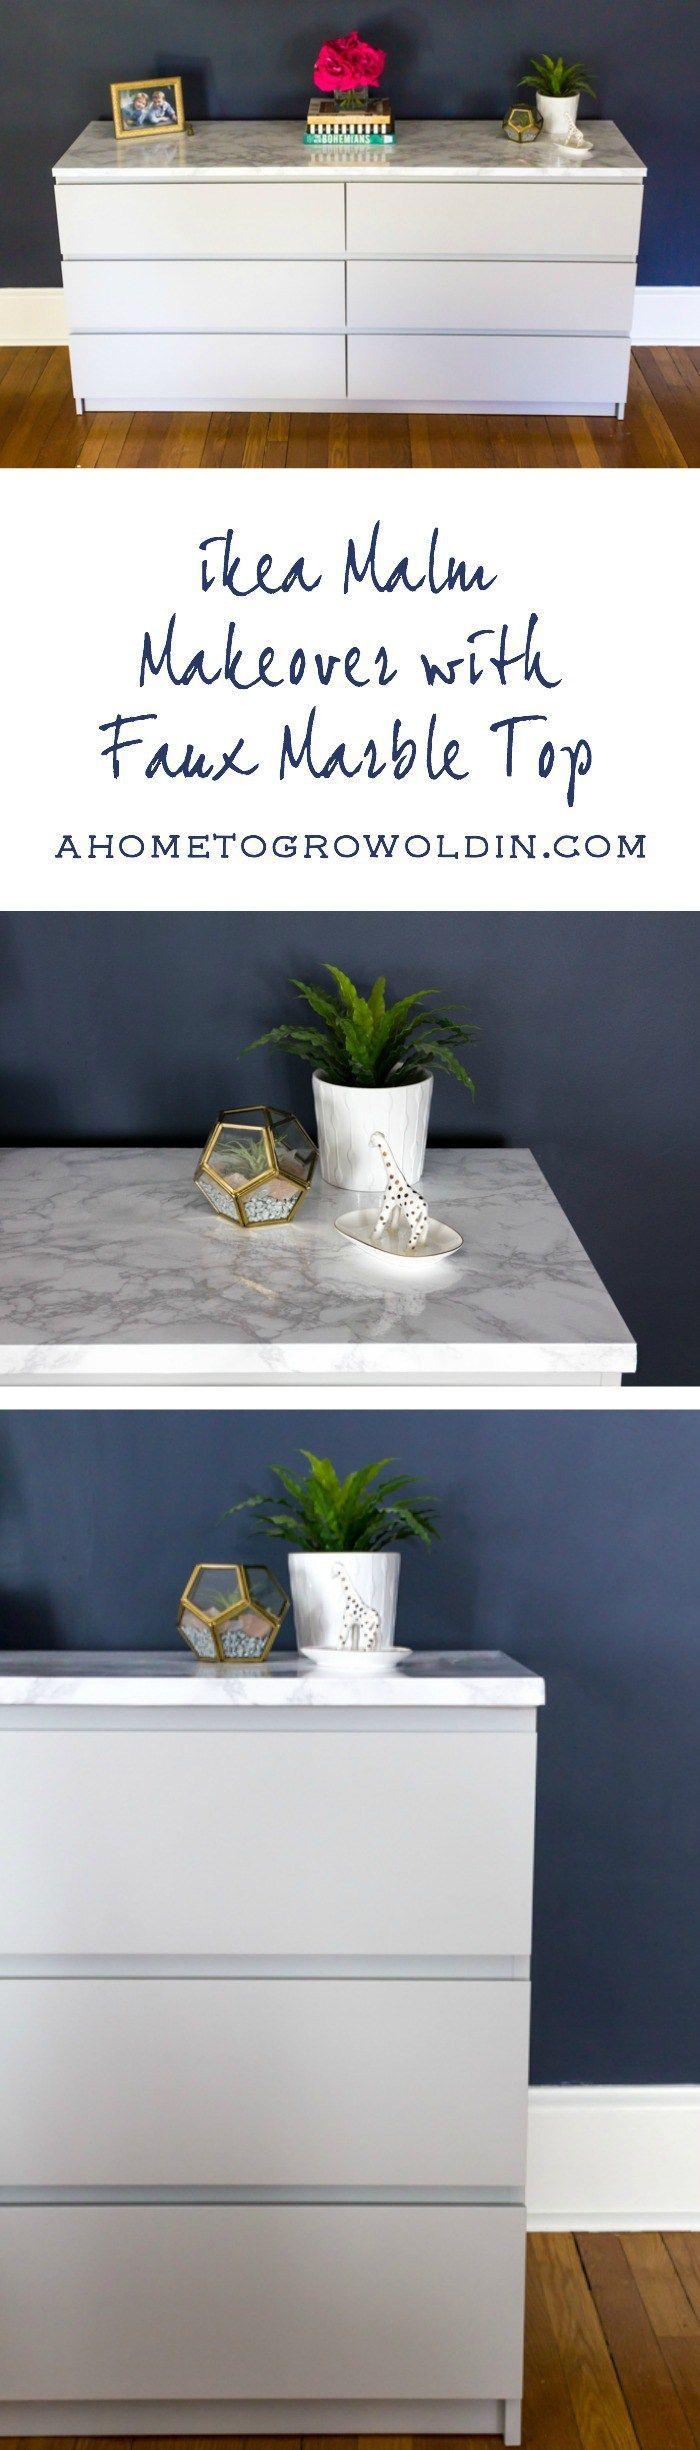 Wie Sie Ihre Ikea Malm Kommode mit einer Marmorplatte überarbeiten